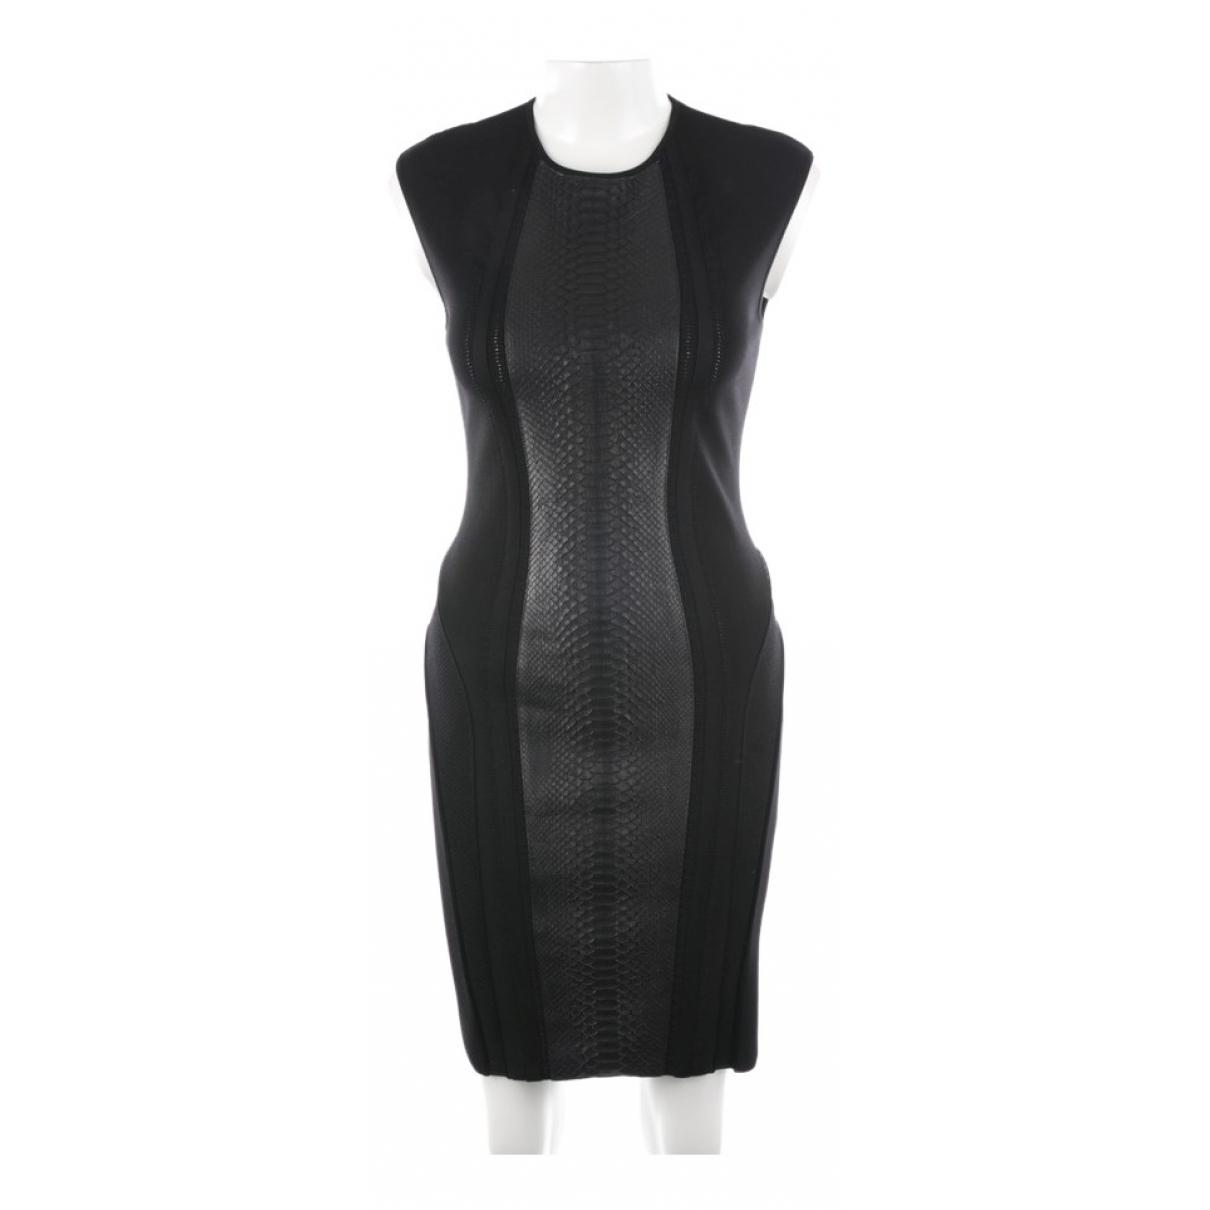 Roberto Cavalli \N Black dress for Women 38 FR